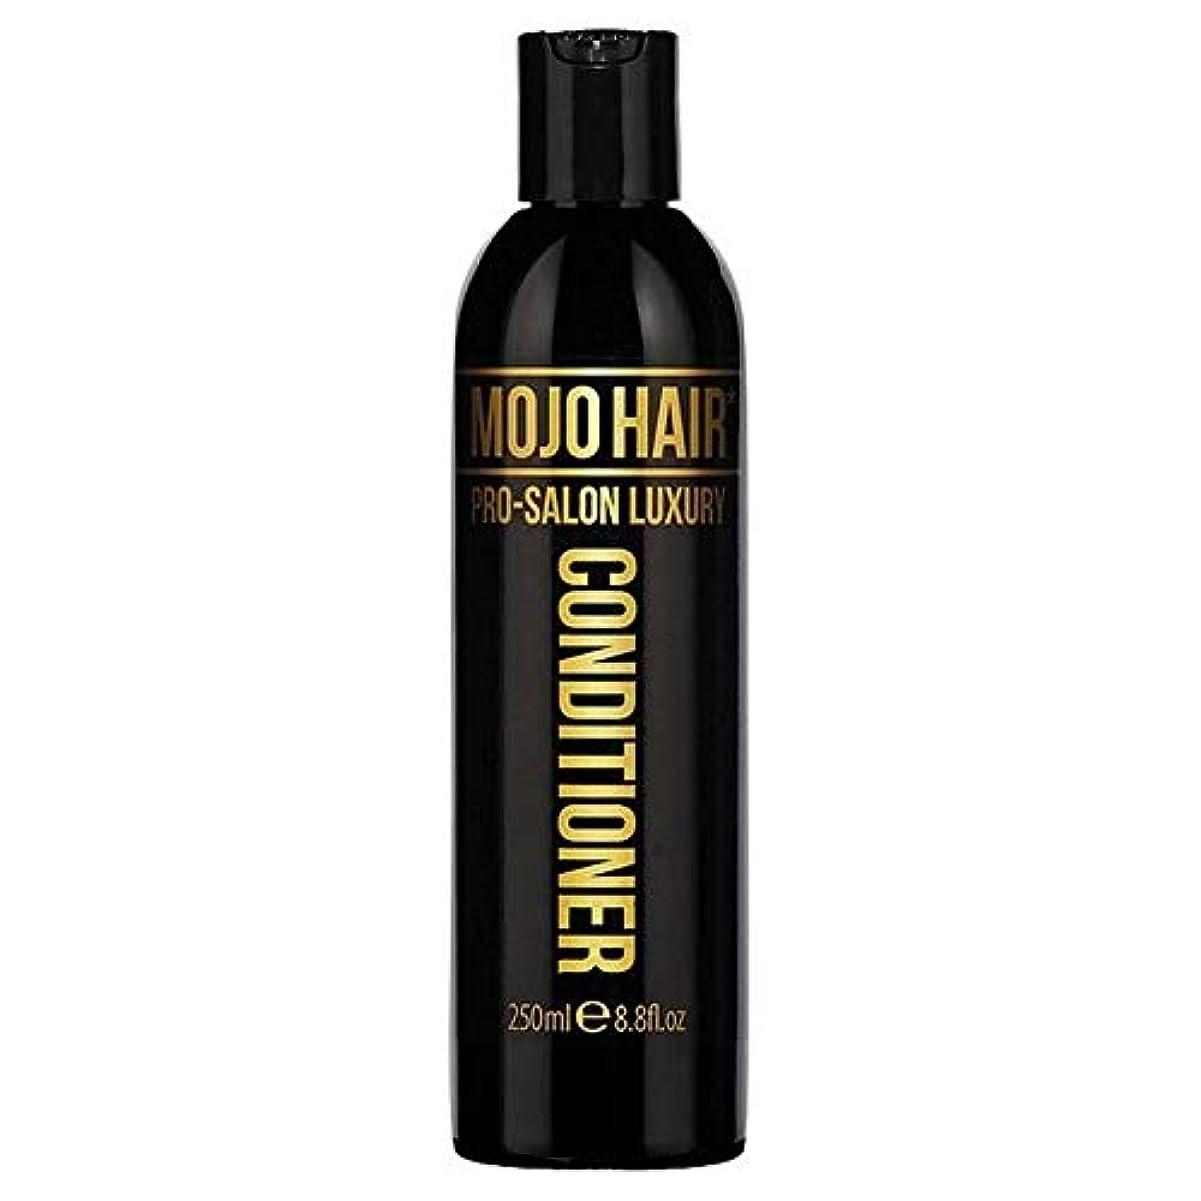 正統派改善株式[Mojo ] 男性プロサロン高級フレグランス250ミリリットルのためのモジョのヘアコンディショナー - MOJO HAIR Conditioner for Men Pro-Salon Luxury Fragrance...